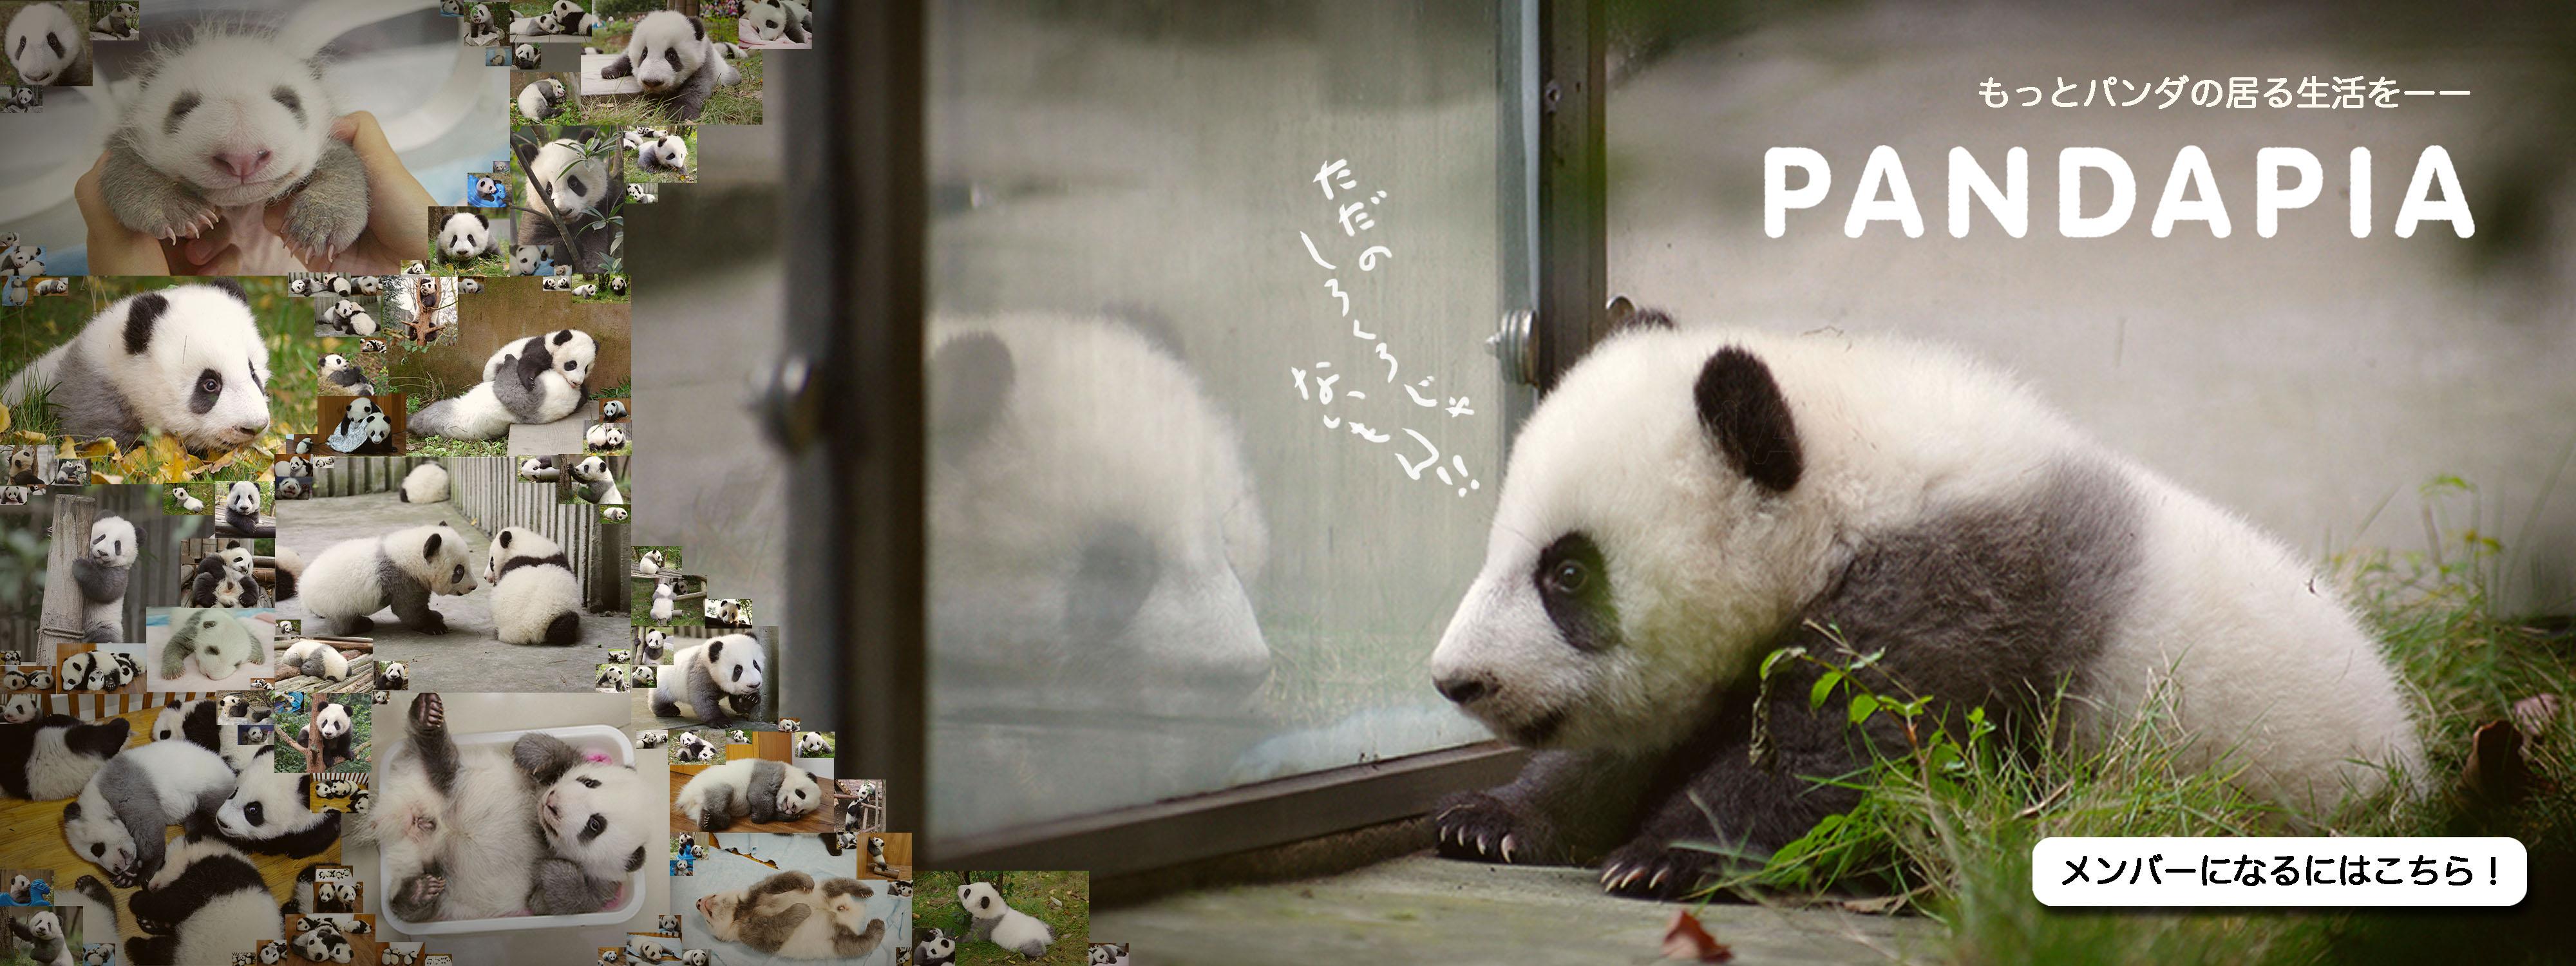 抱き にこにこ 枕 の パンダ